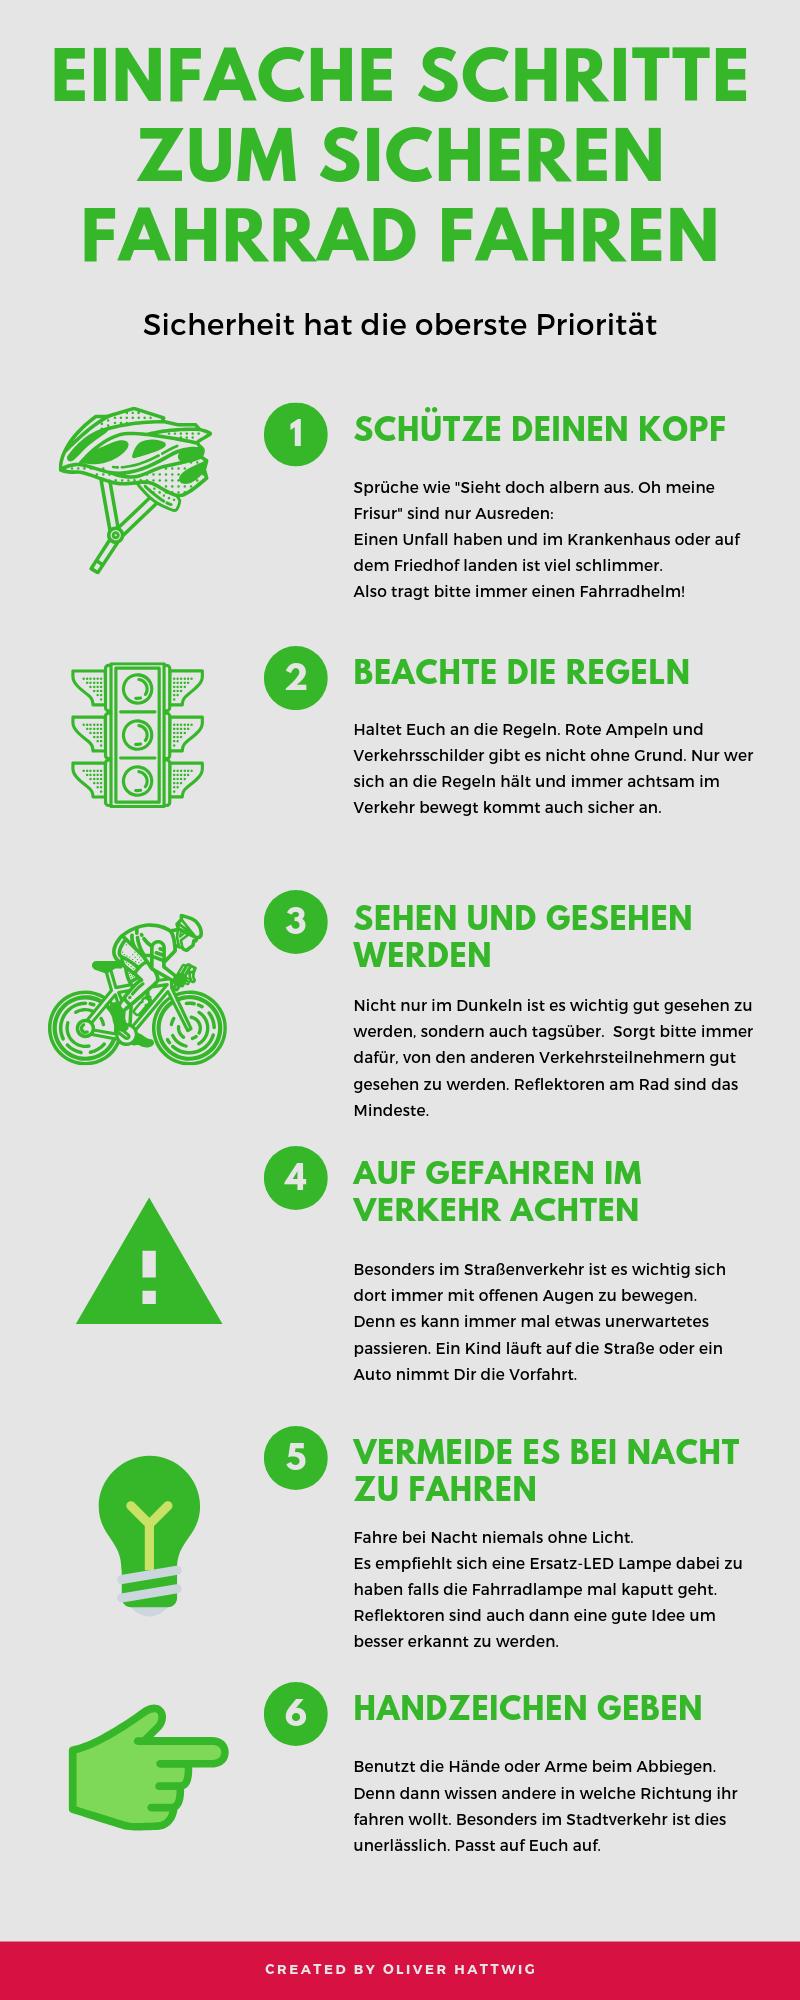 Einfache Schritte zum sicheren Fahrrad fahren